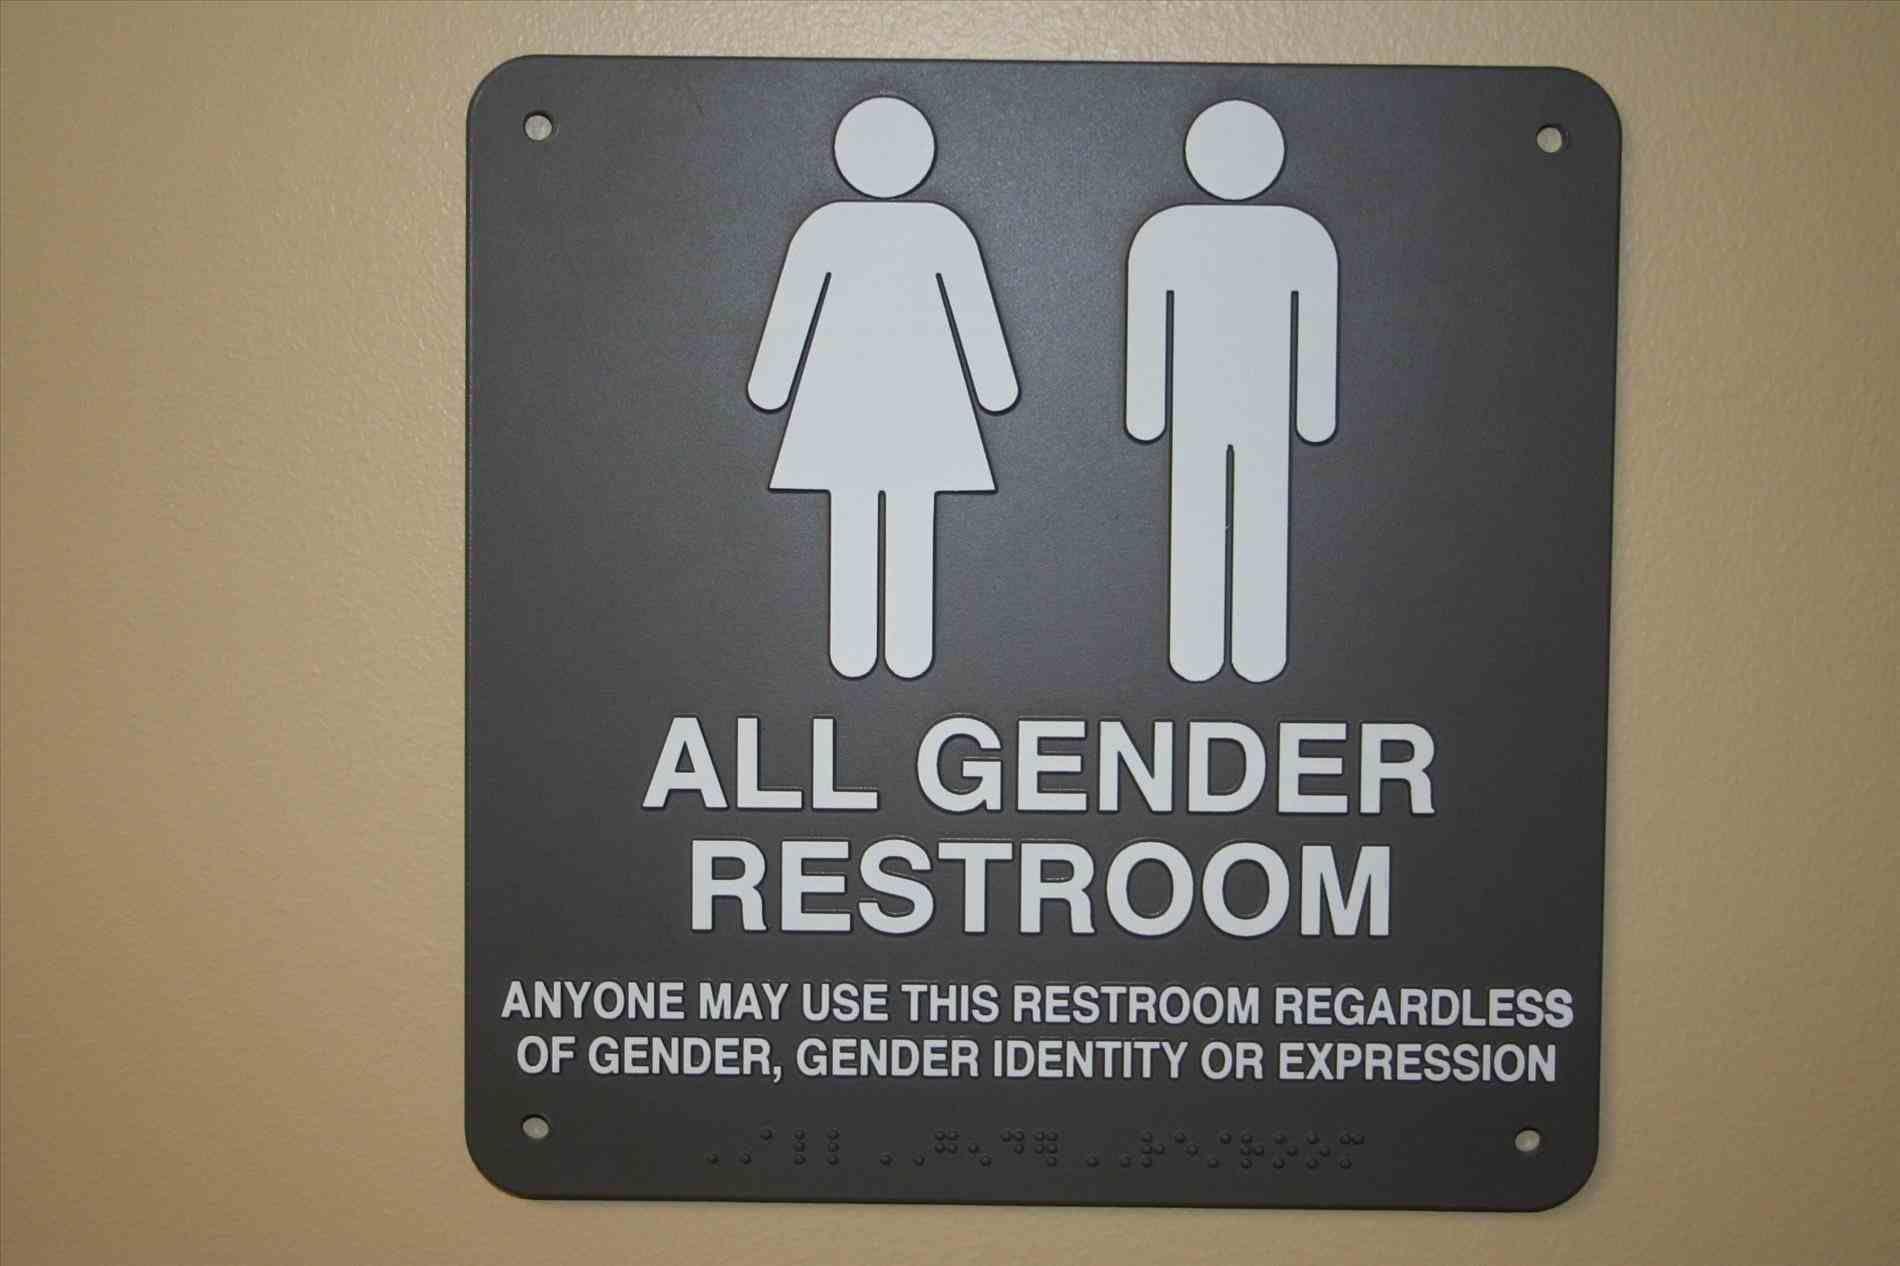 New Post Gender Neutral Bathrooms In Europe Visit Bobayule Trending Decors Gender Neutral Bathroom Signs Bathroom Signs All Gender Restroom